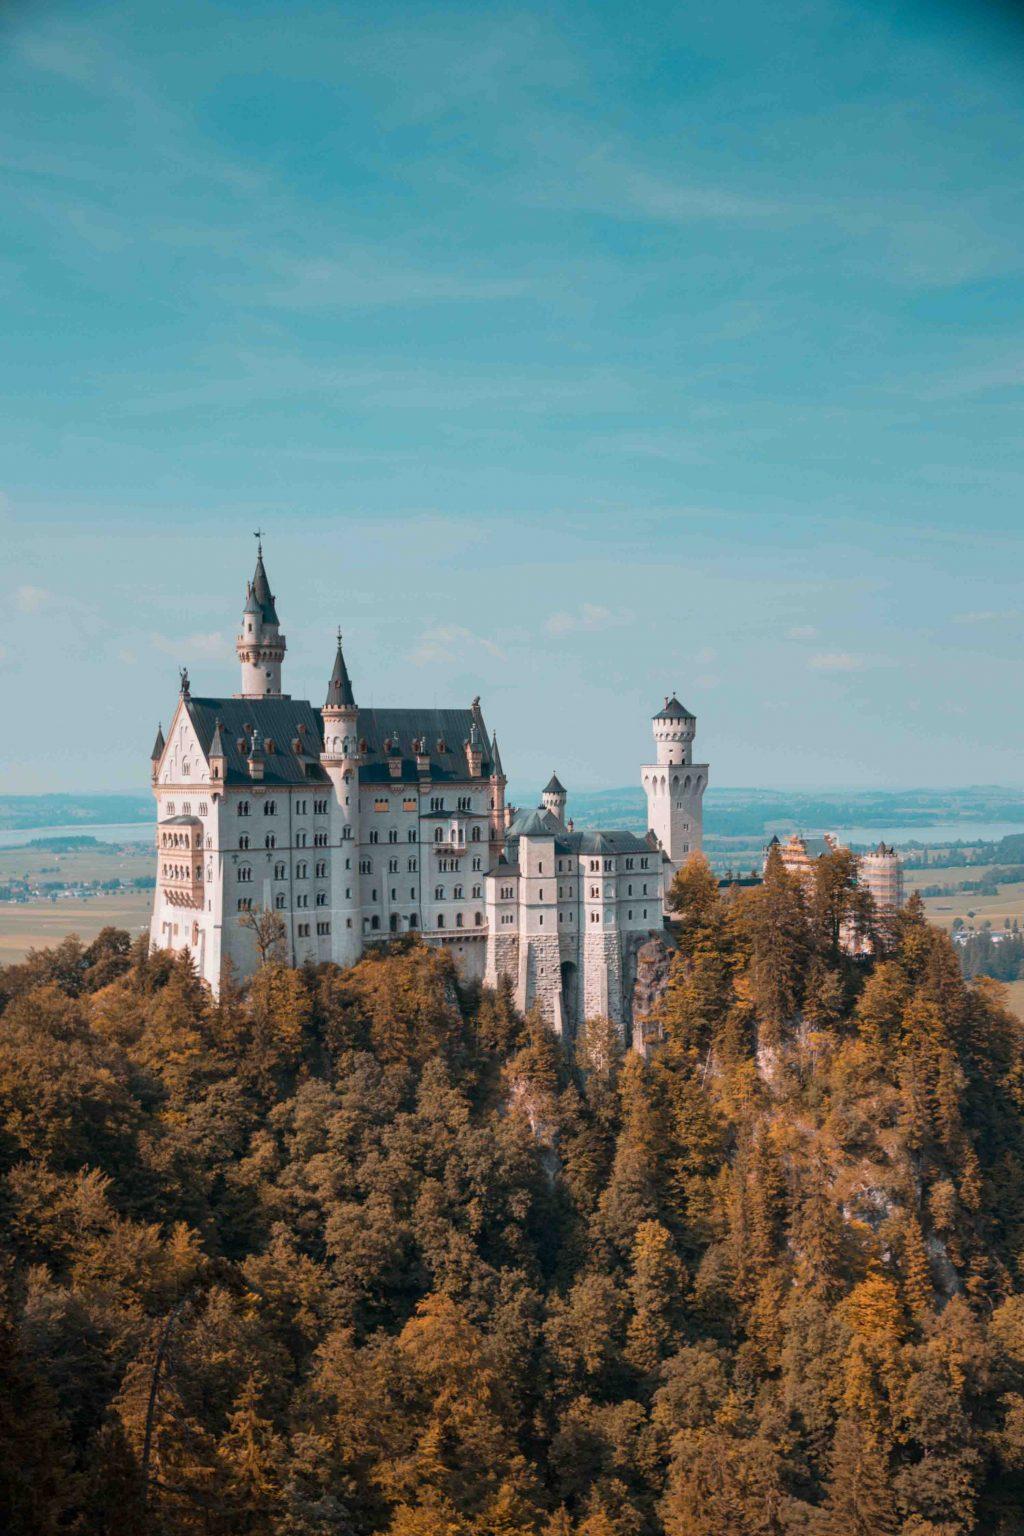 hình ảnh đẹp Neuschwanstein